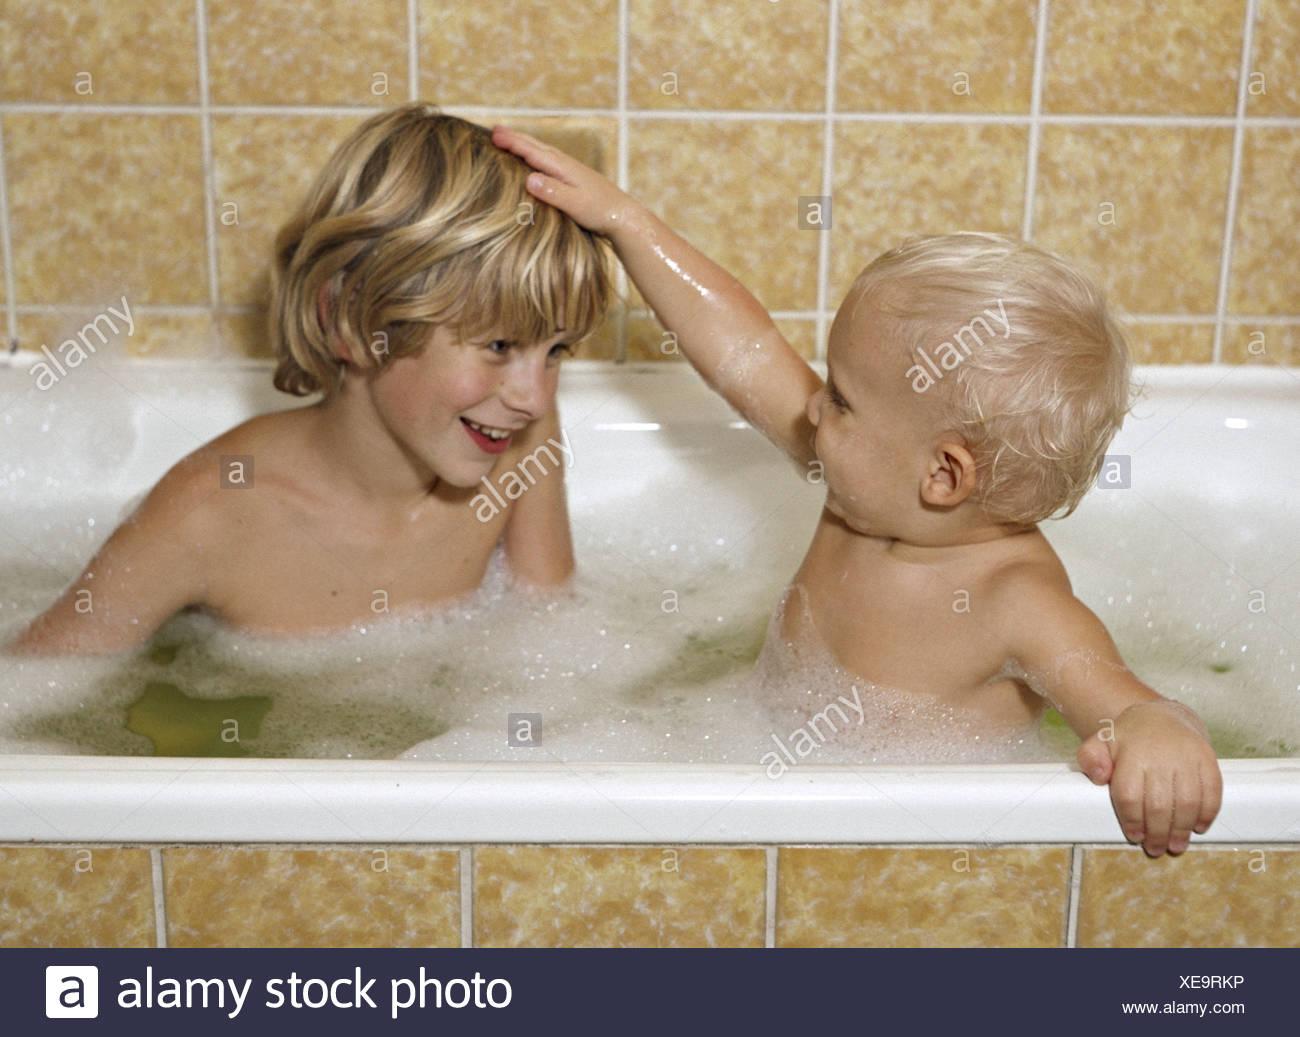 Bagno Con Un Ragazzo : Fratelli in vasca da bagno piccolo ragazzo con un bambino di